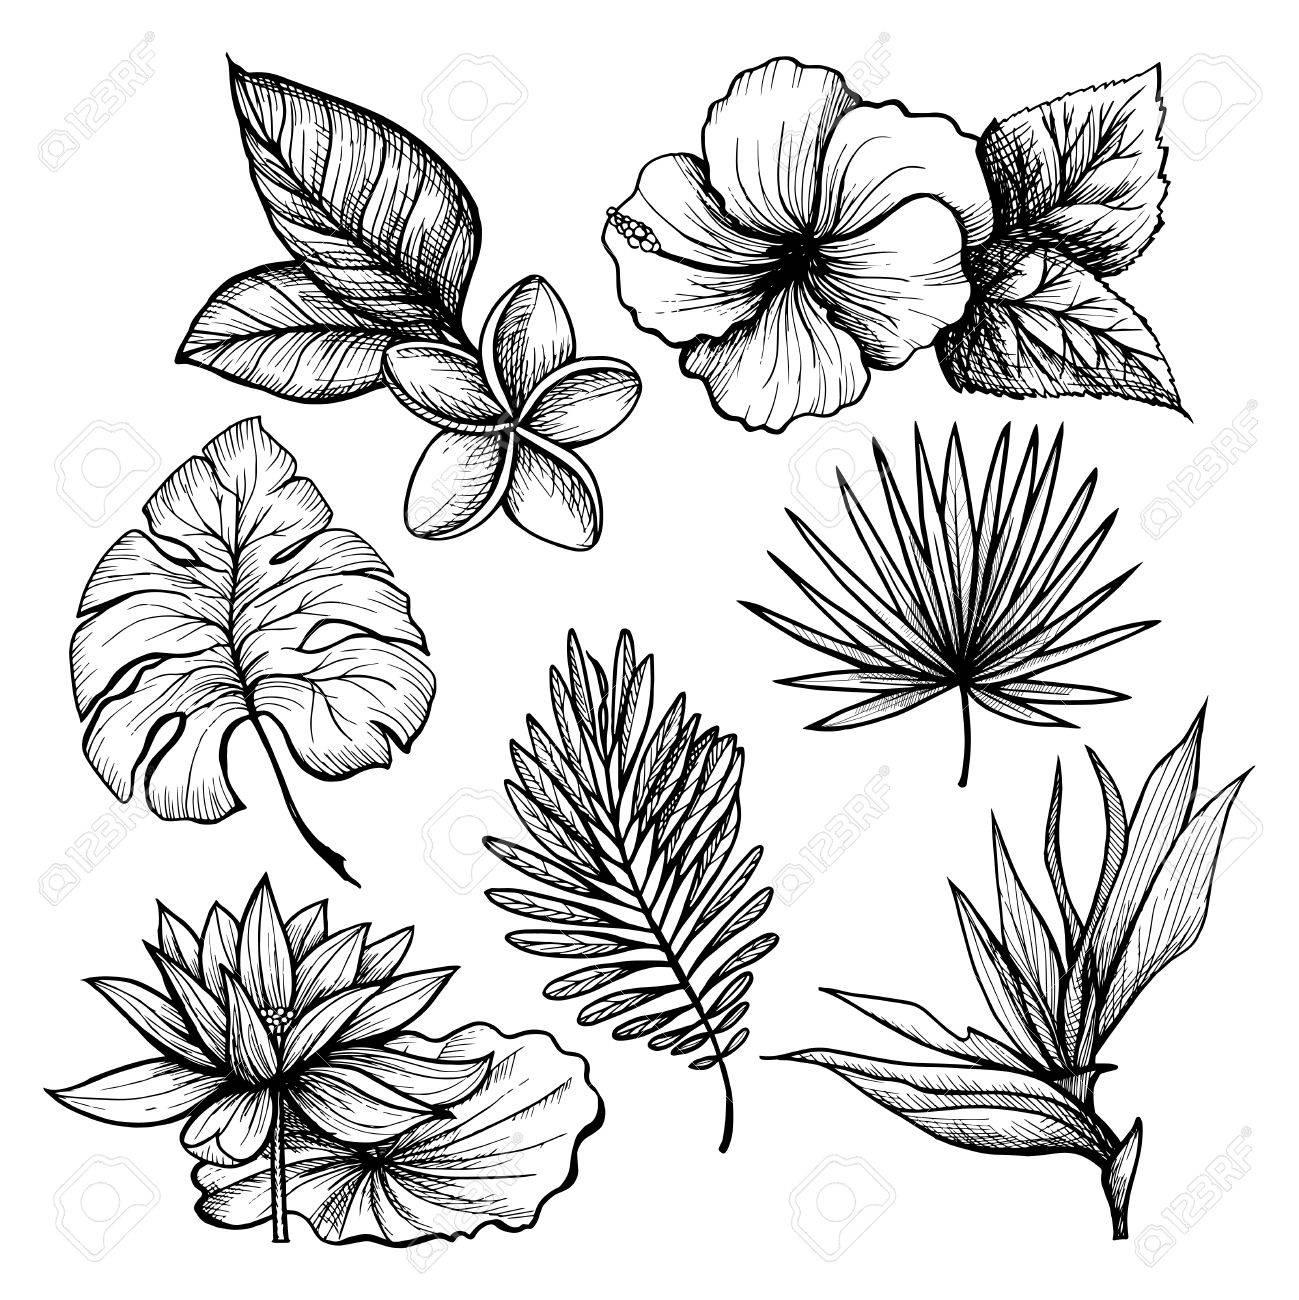 Dessin Fleur Tropicale Noir Et Blanc